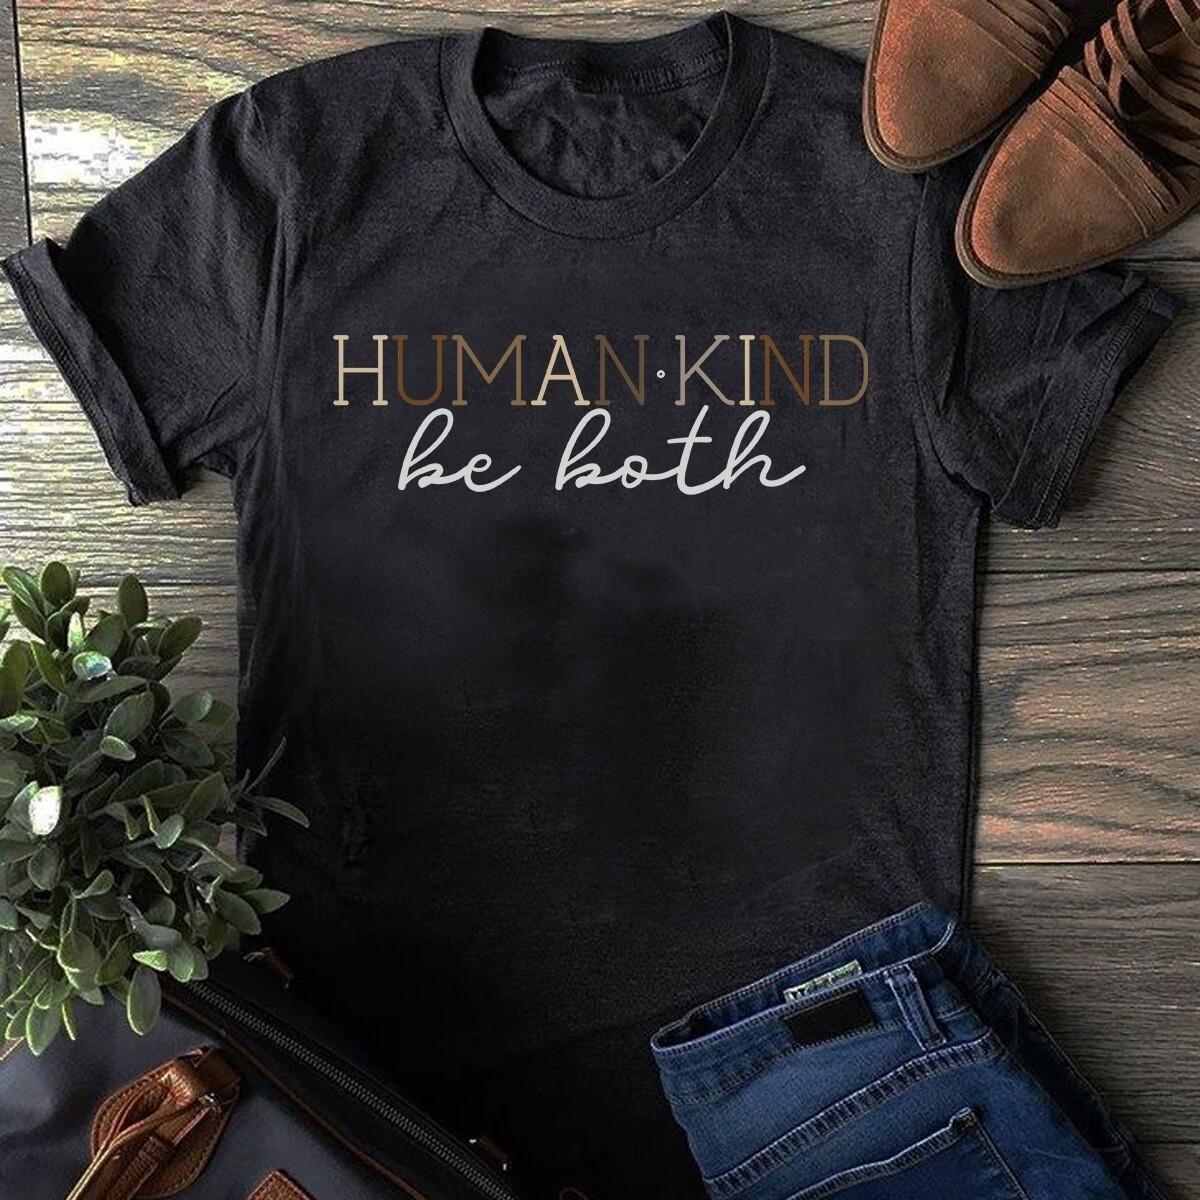 Human - Kind Be Both Shirt